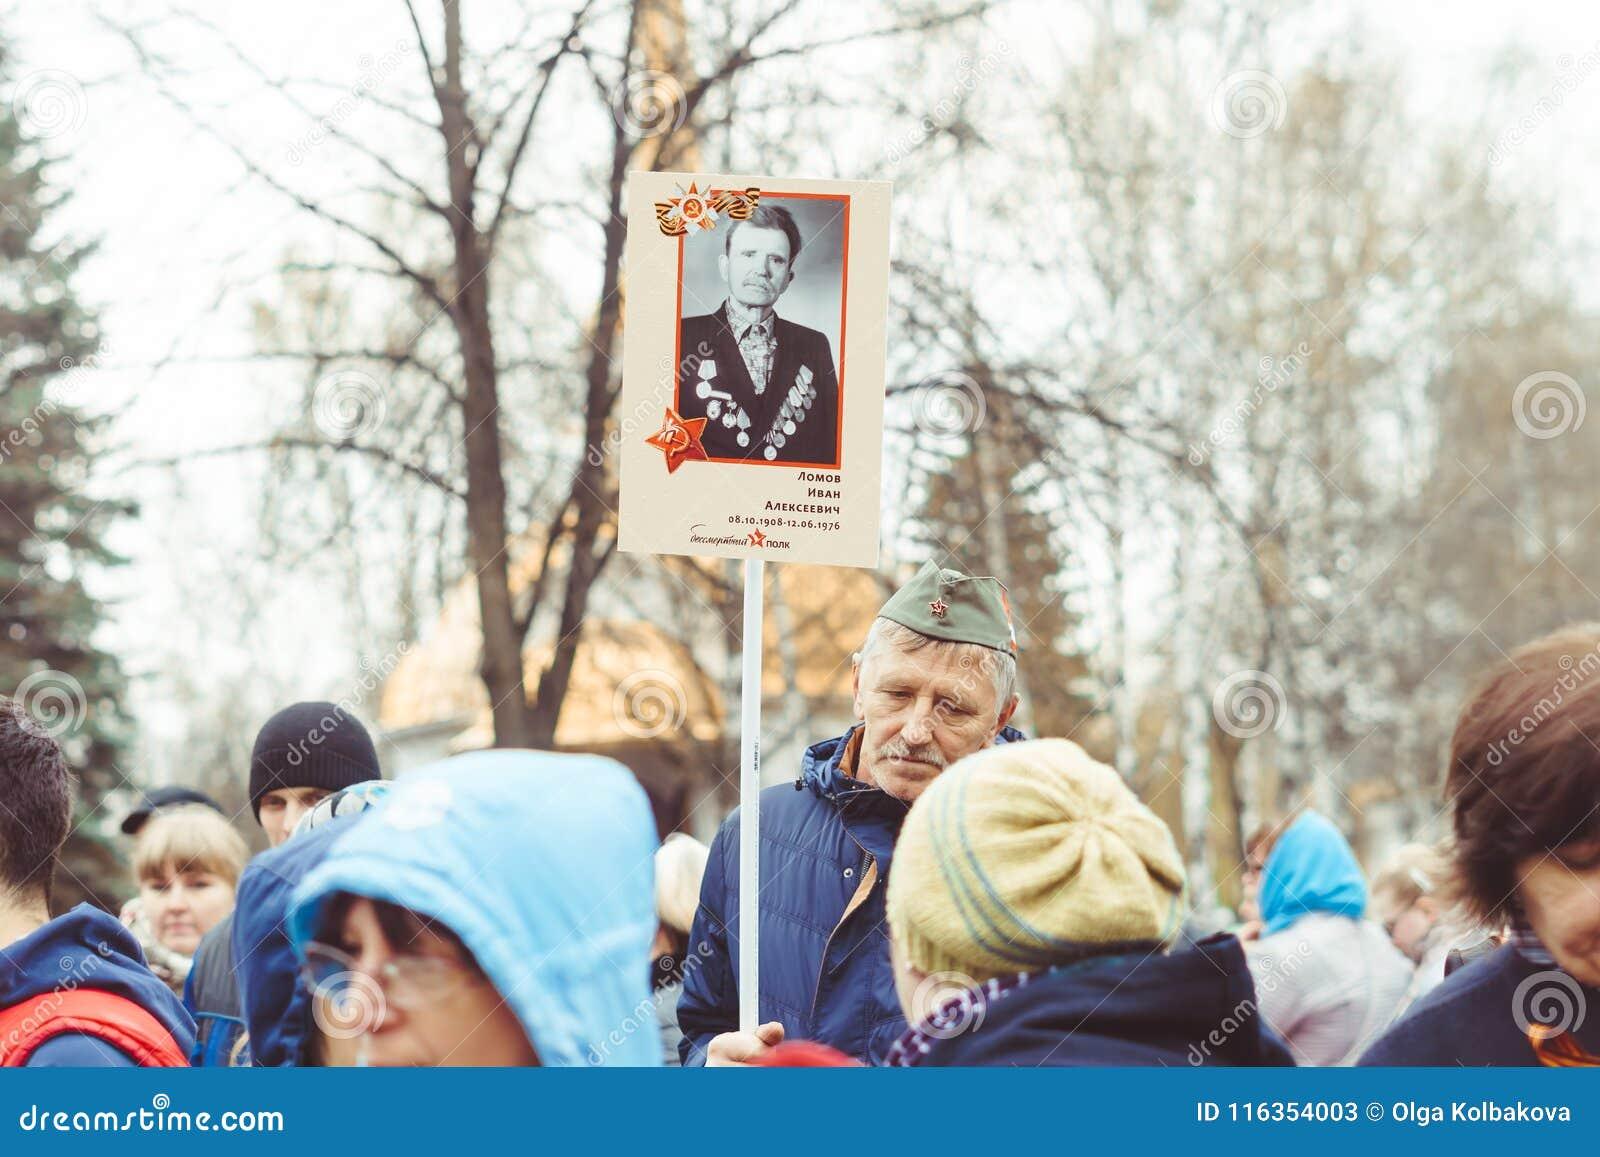 Novokuzneck, RUSLAND - MEI 9, 2018: de mensen vieren overwinningsdag in Rusland